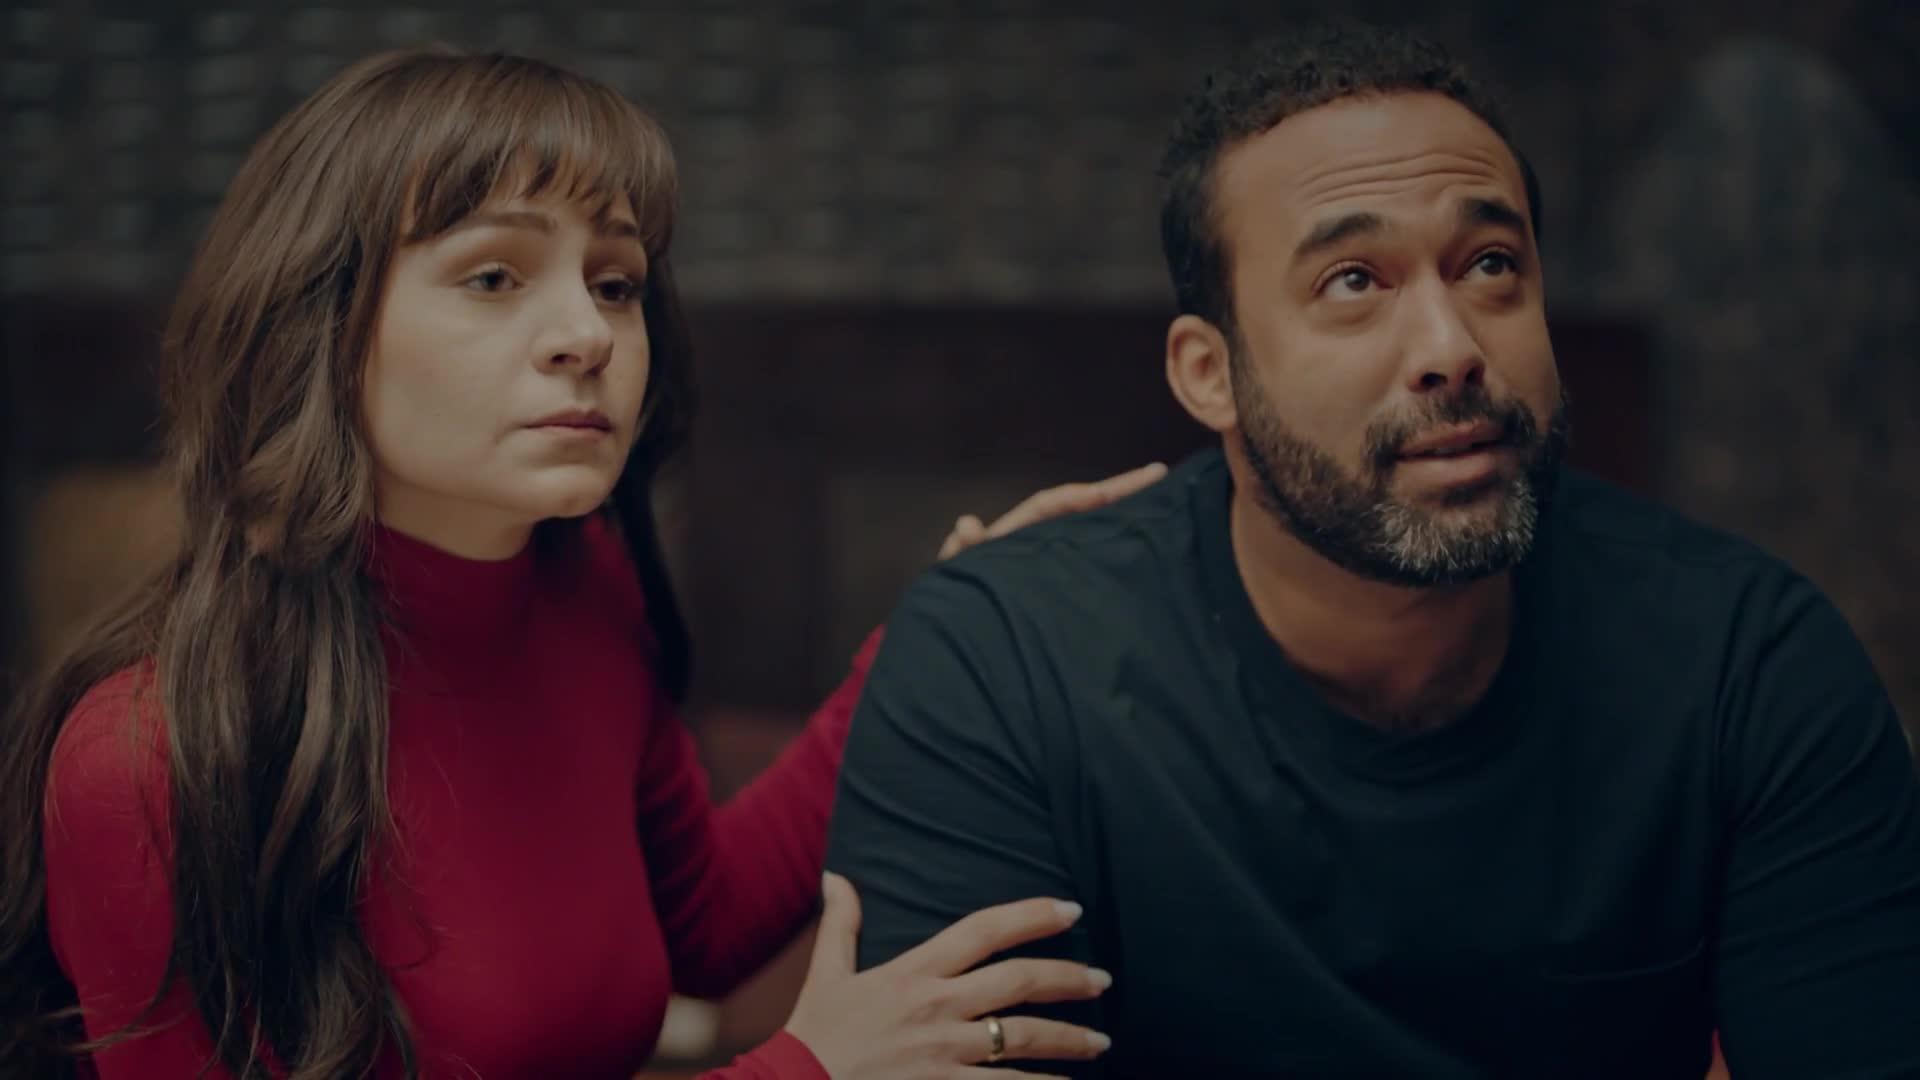 المسلسل المصري علامة استفهام [2019][WEB DL][1080p] تحميل تورنت 13 arabp2p.com